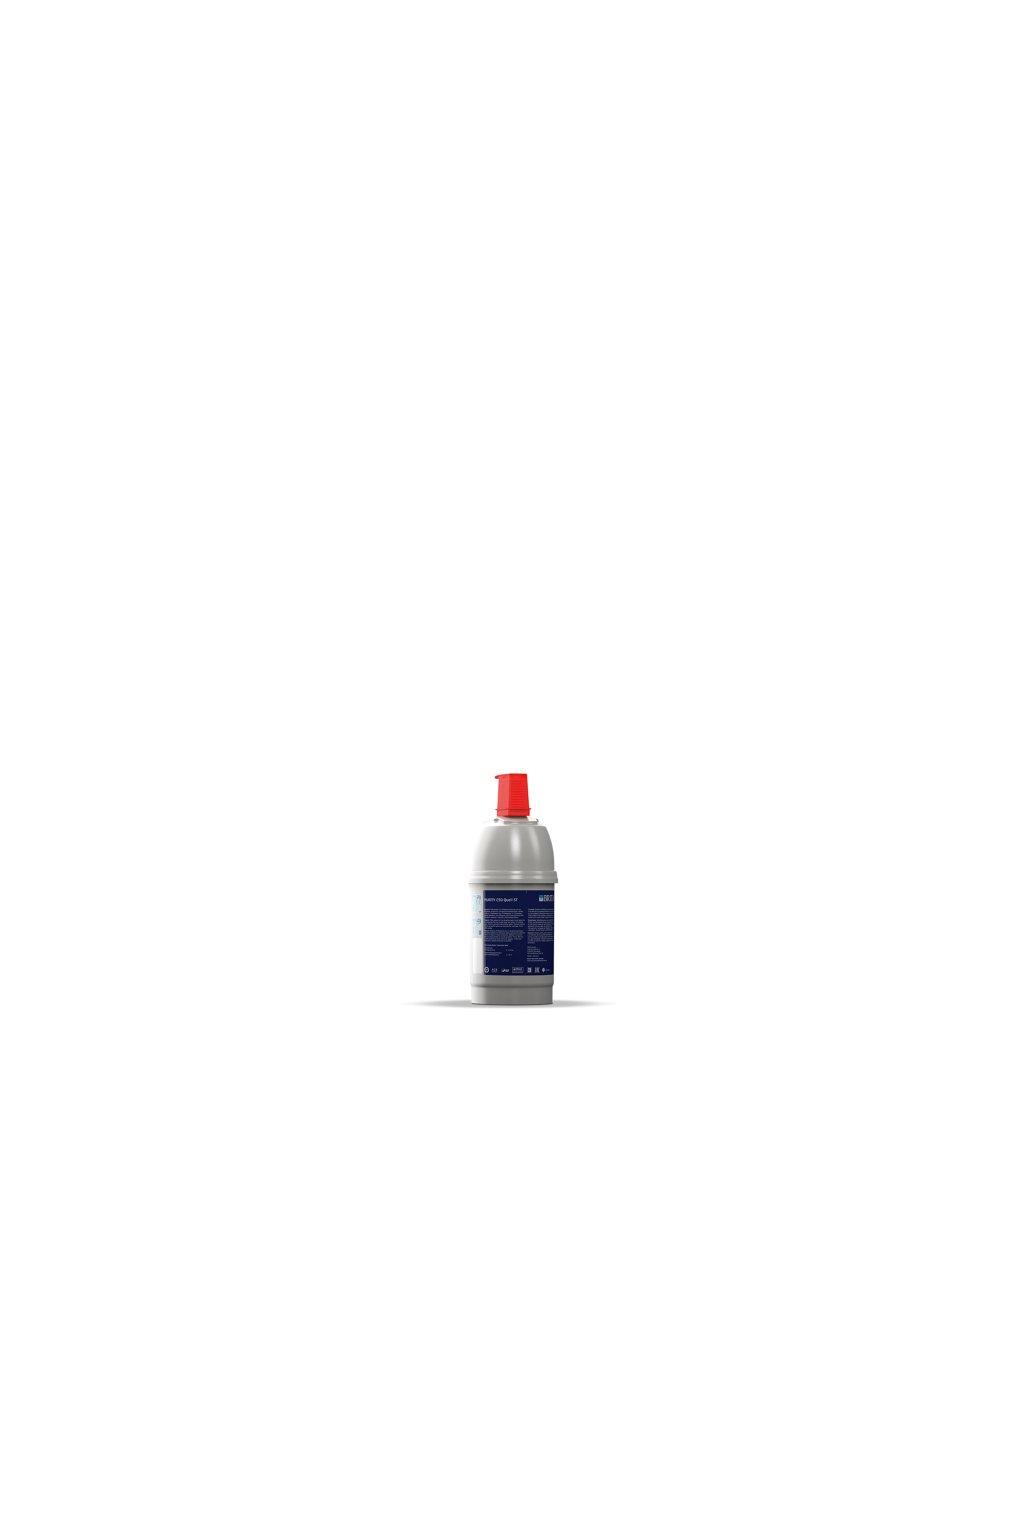 brita filter purity c quell st c50